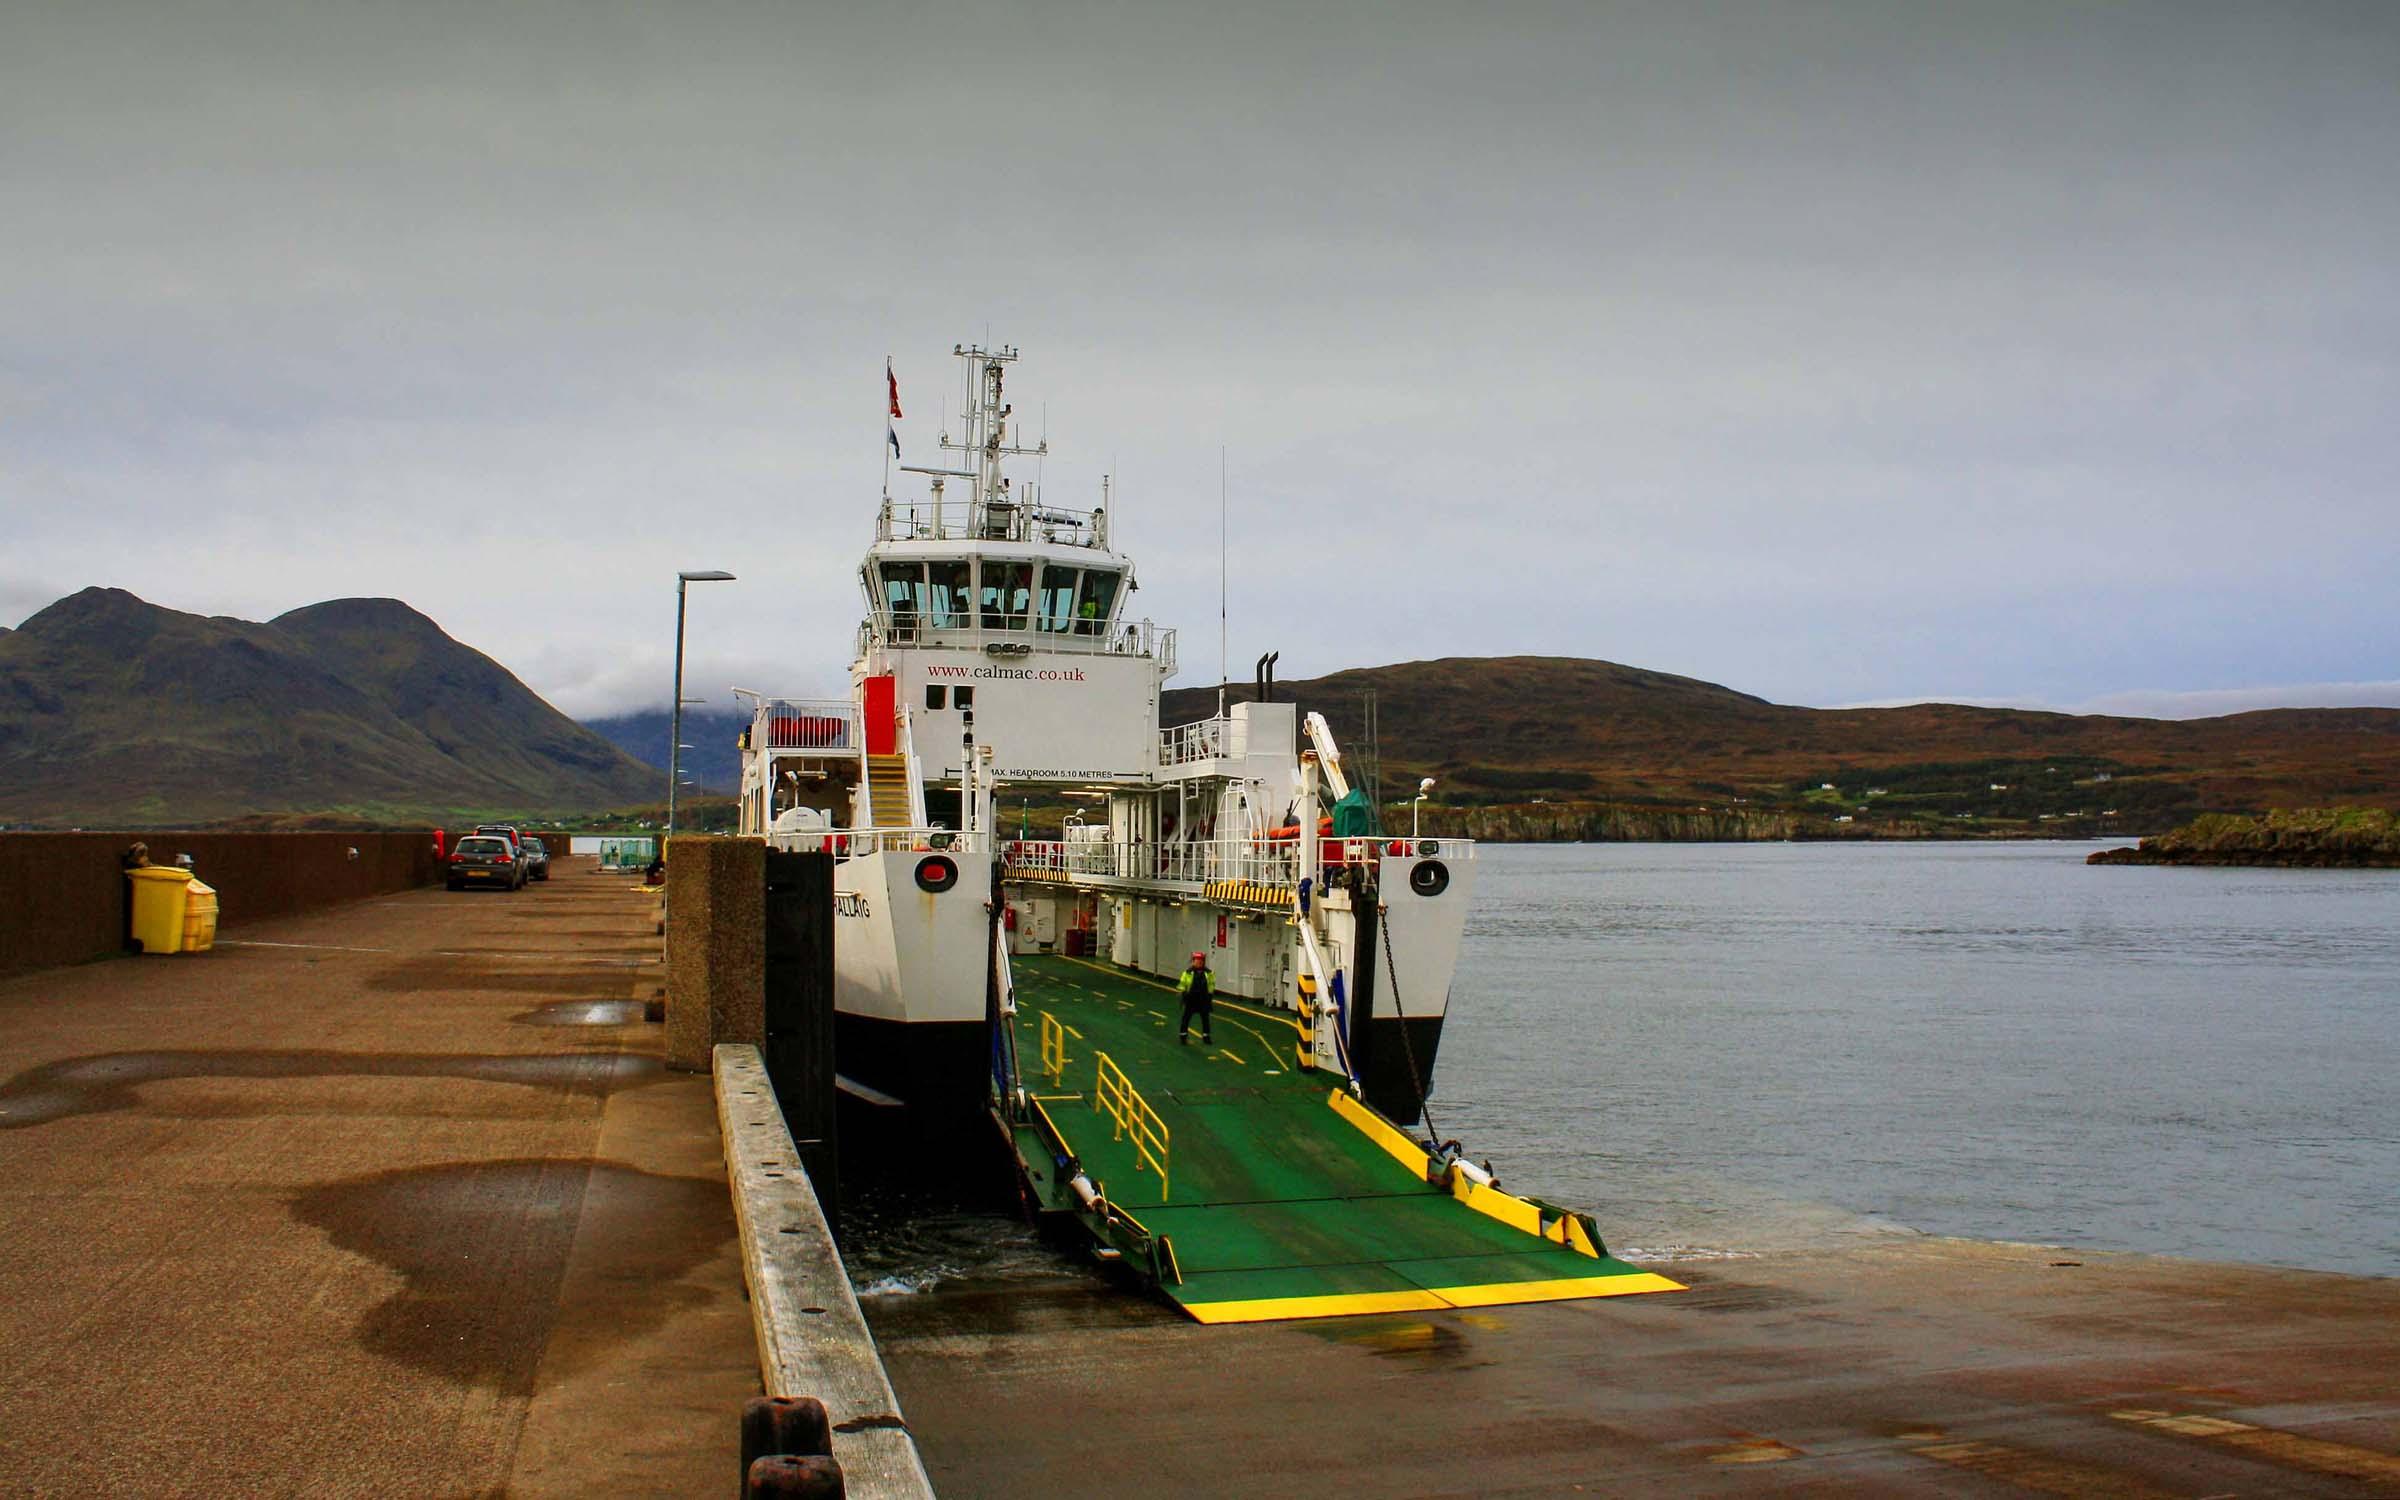 Hallaig alongside at Raasay (Ships of CalMac)